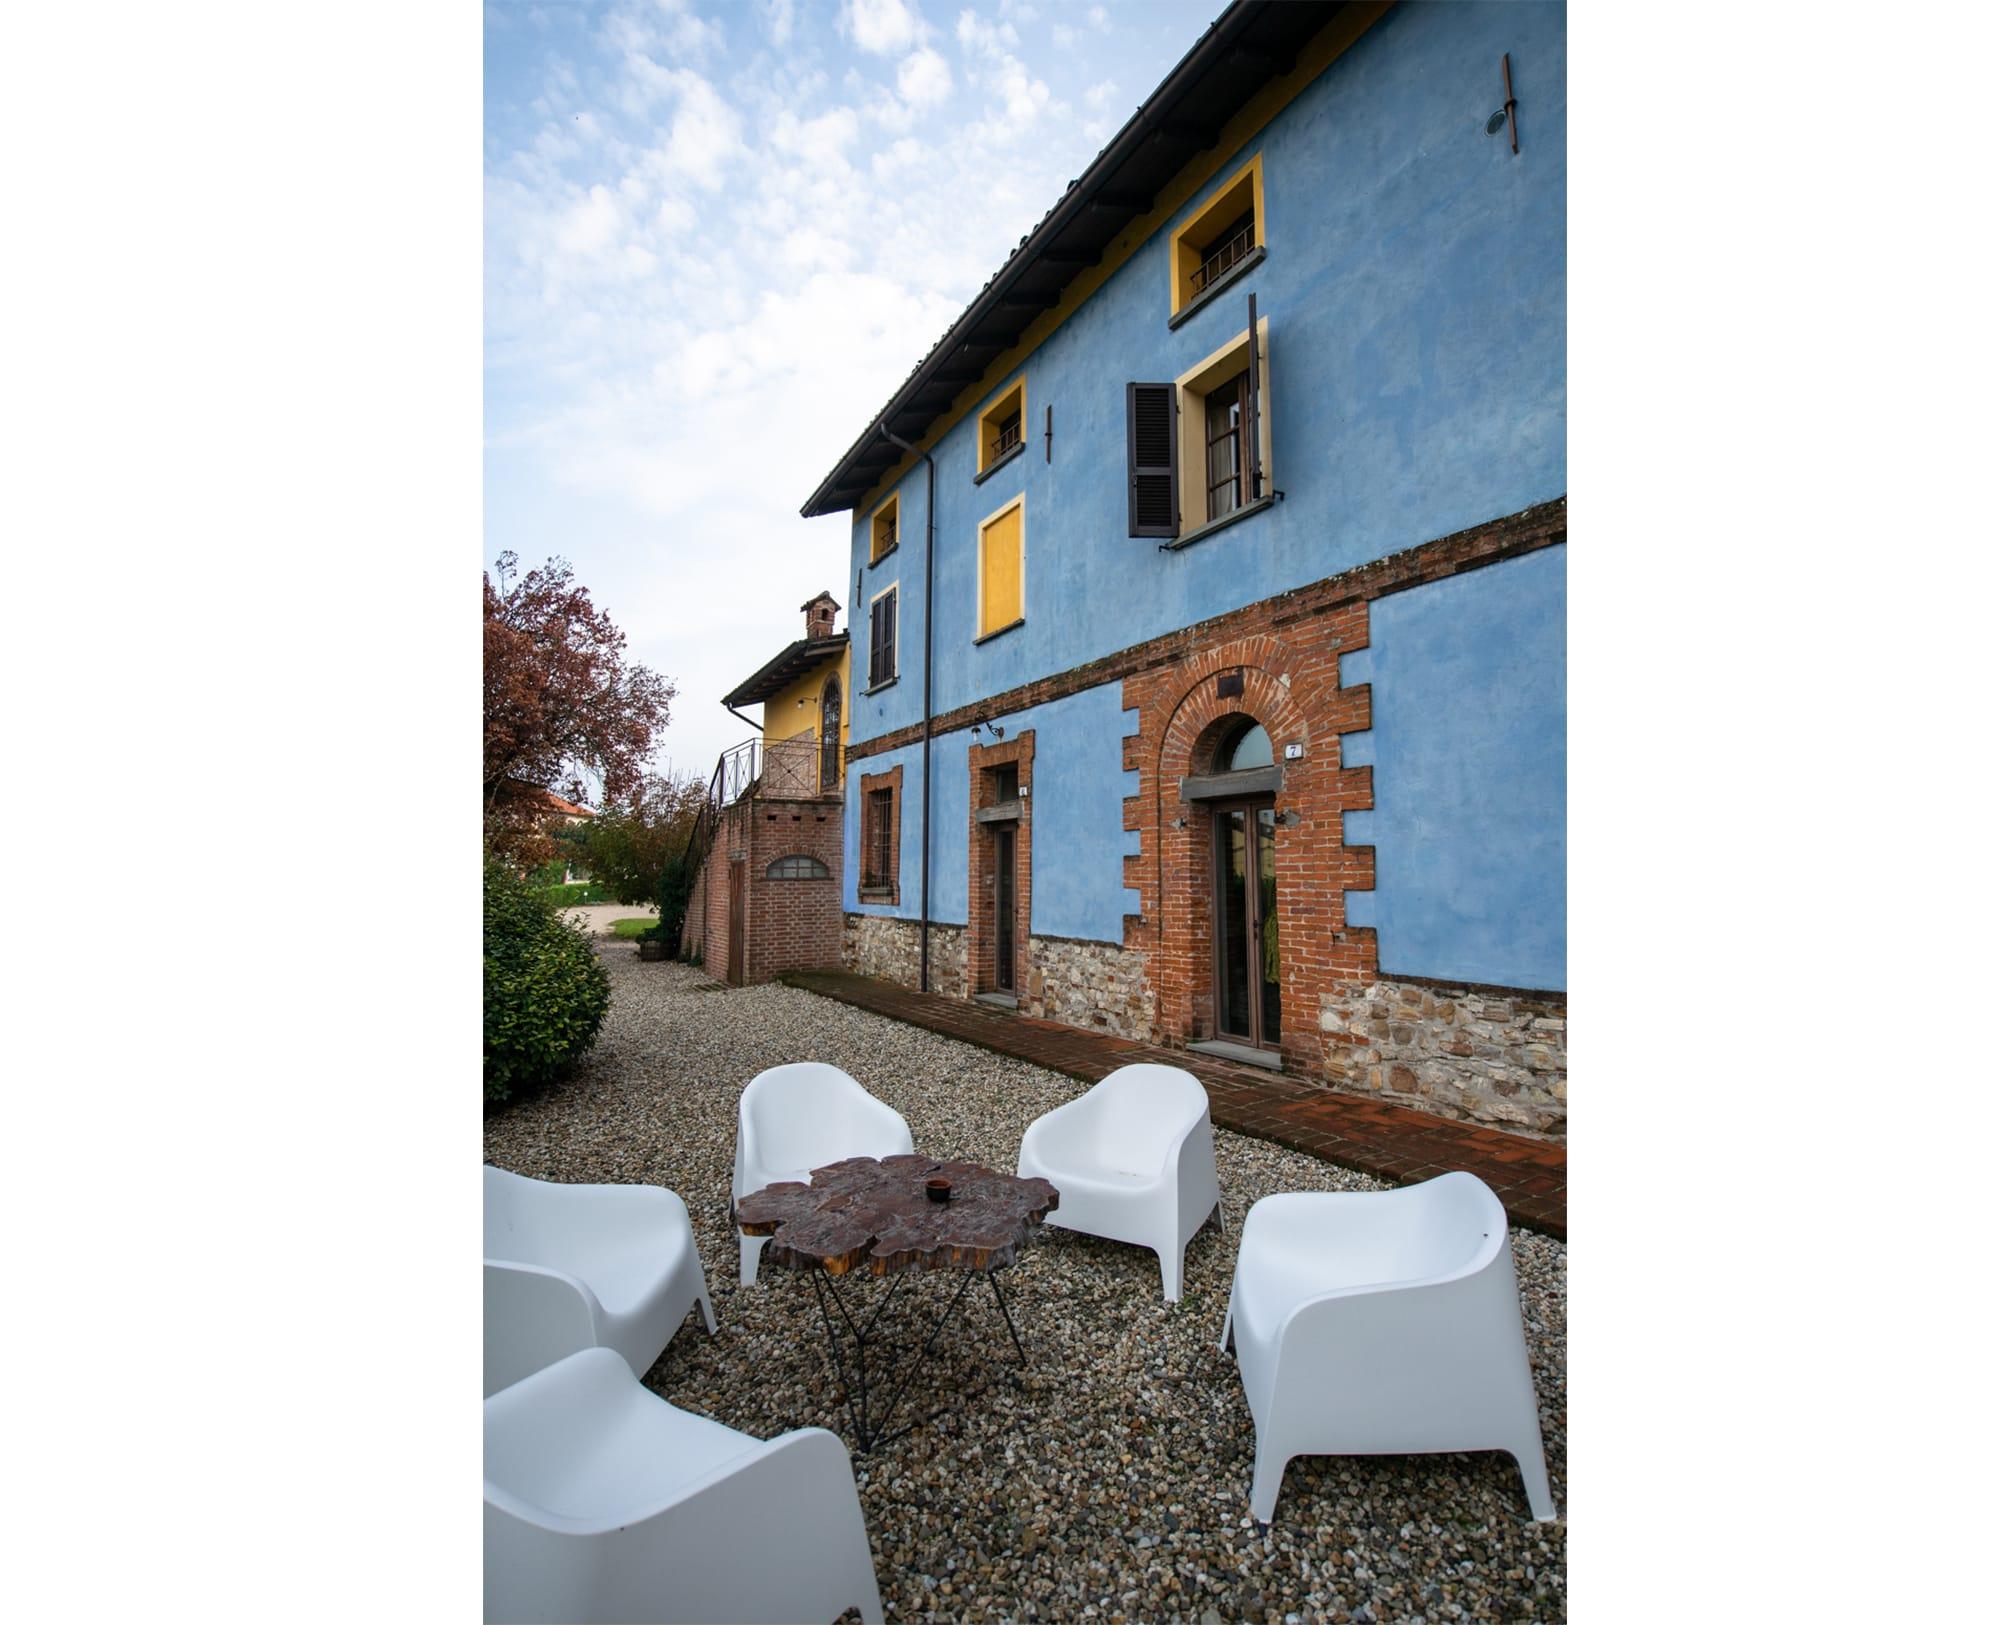 パルマ女公の別荘だった建物。現在はアグリツーリズモの宿に使われている。